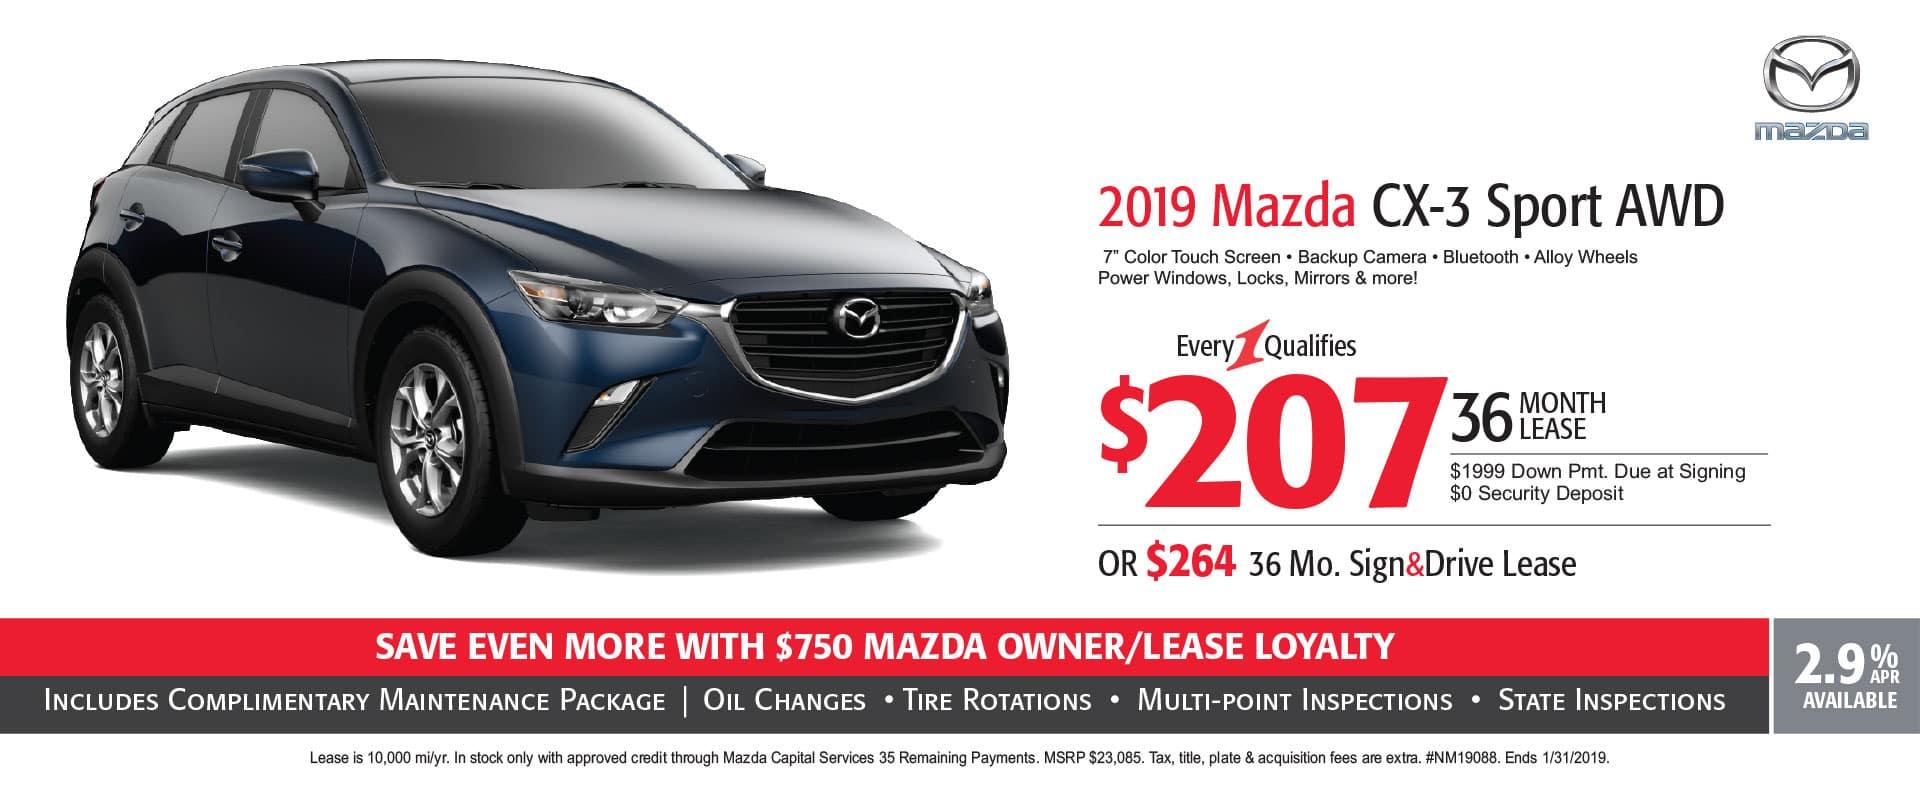 2019 Mazda